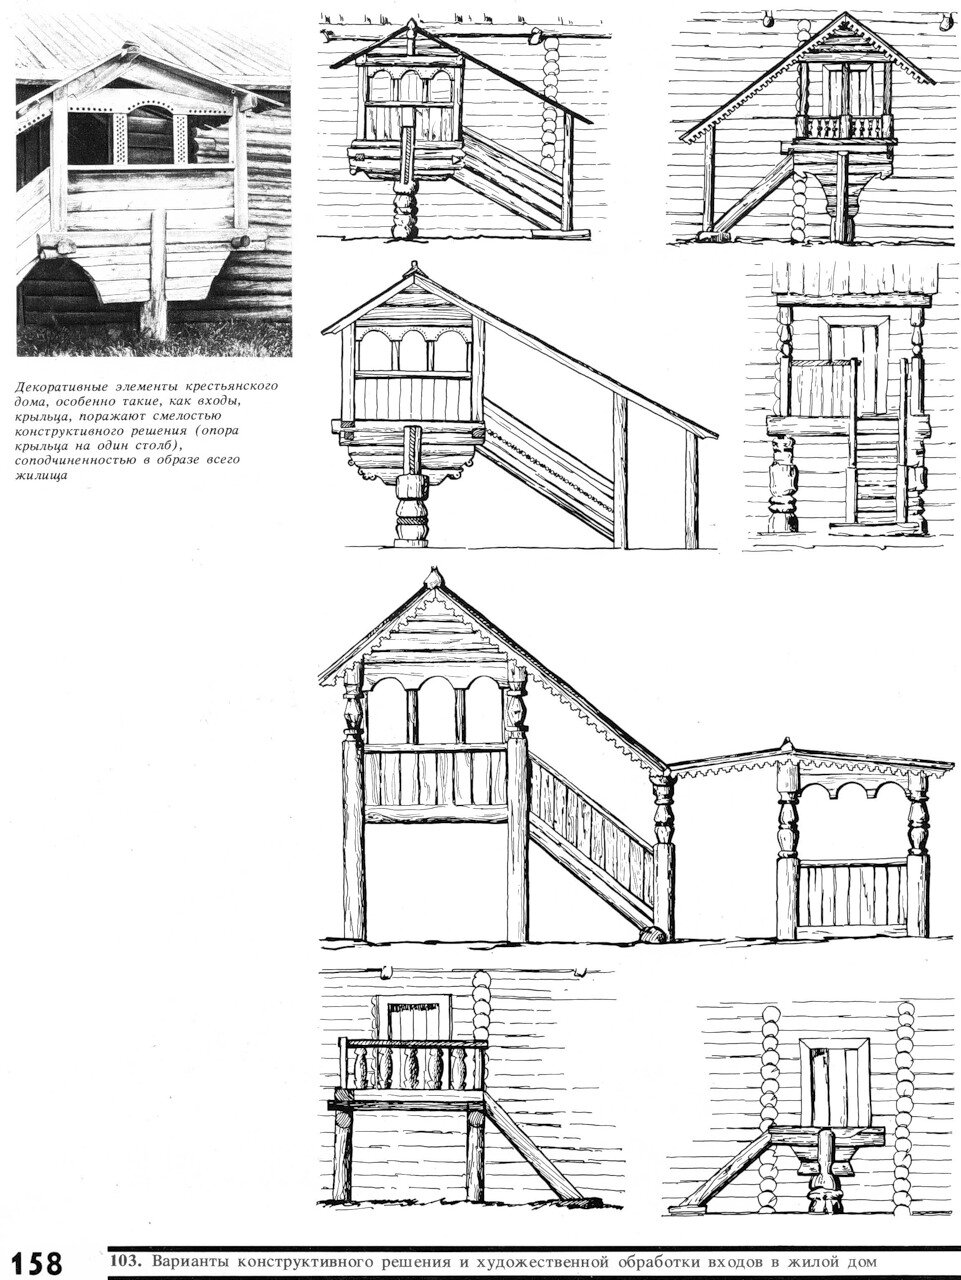 Бутусов Х.А. Архитектурные детали сельских жилых домов усадебного типа 1983 (не все страницы)